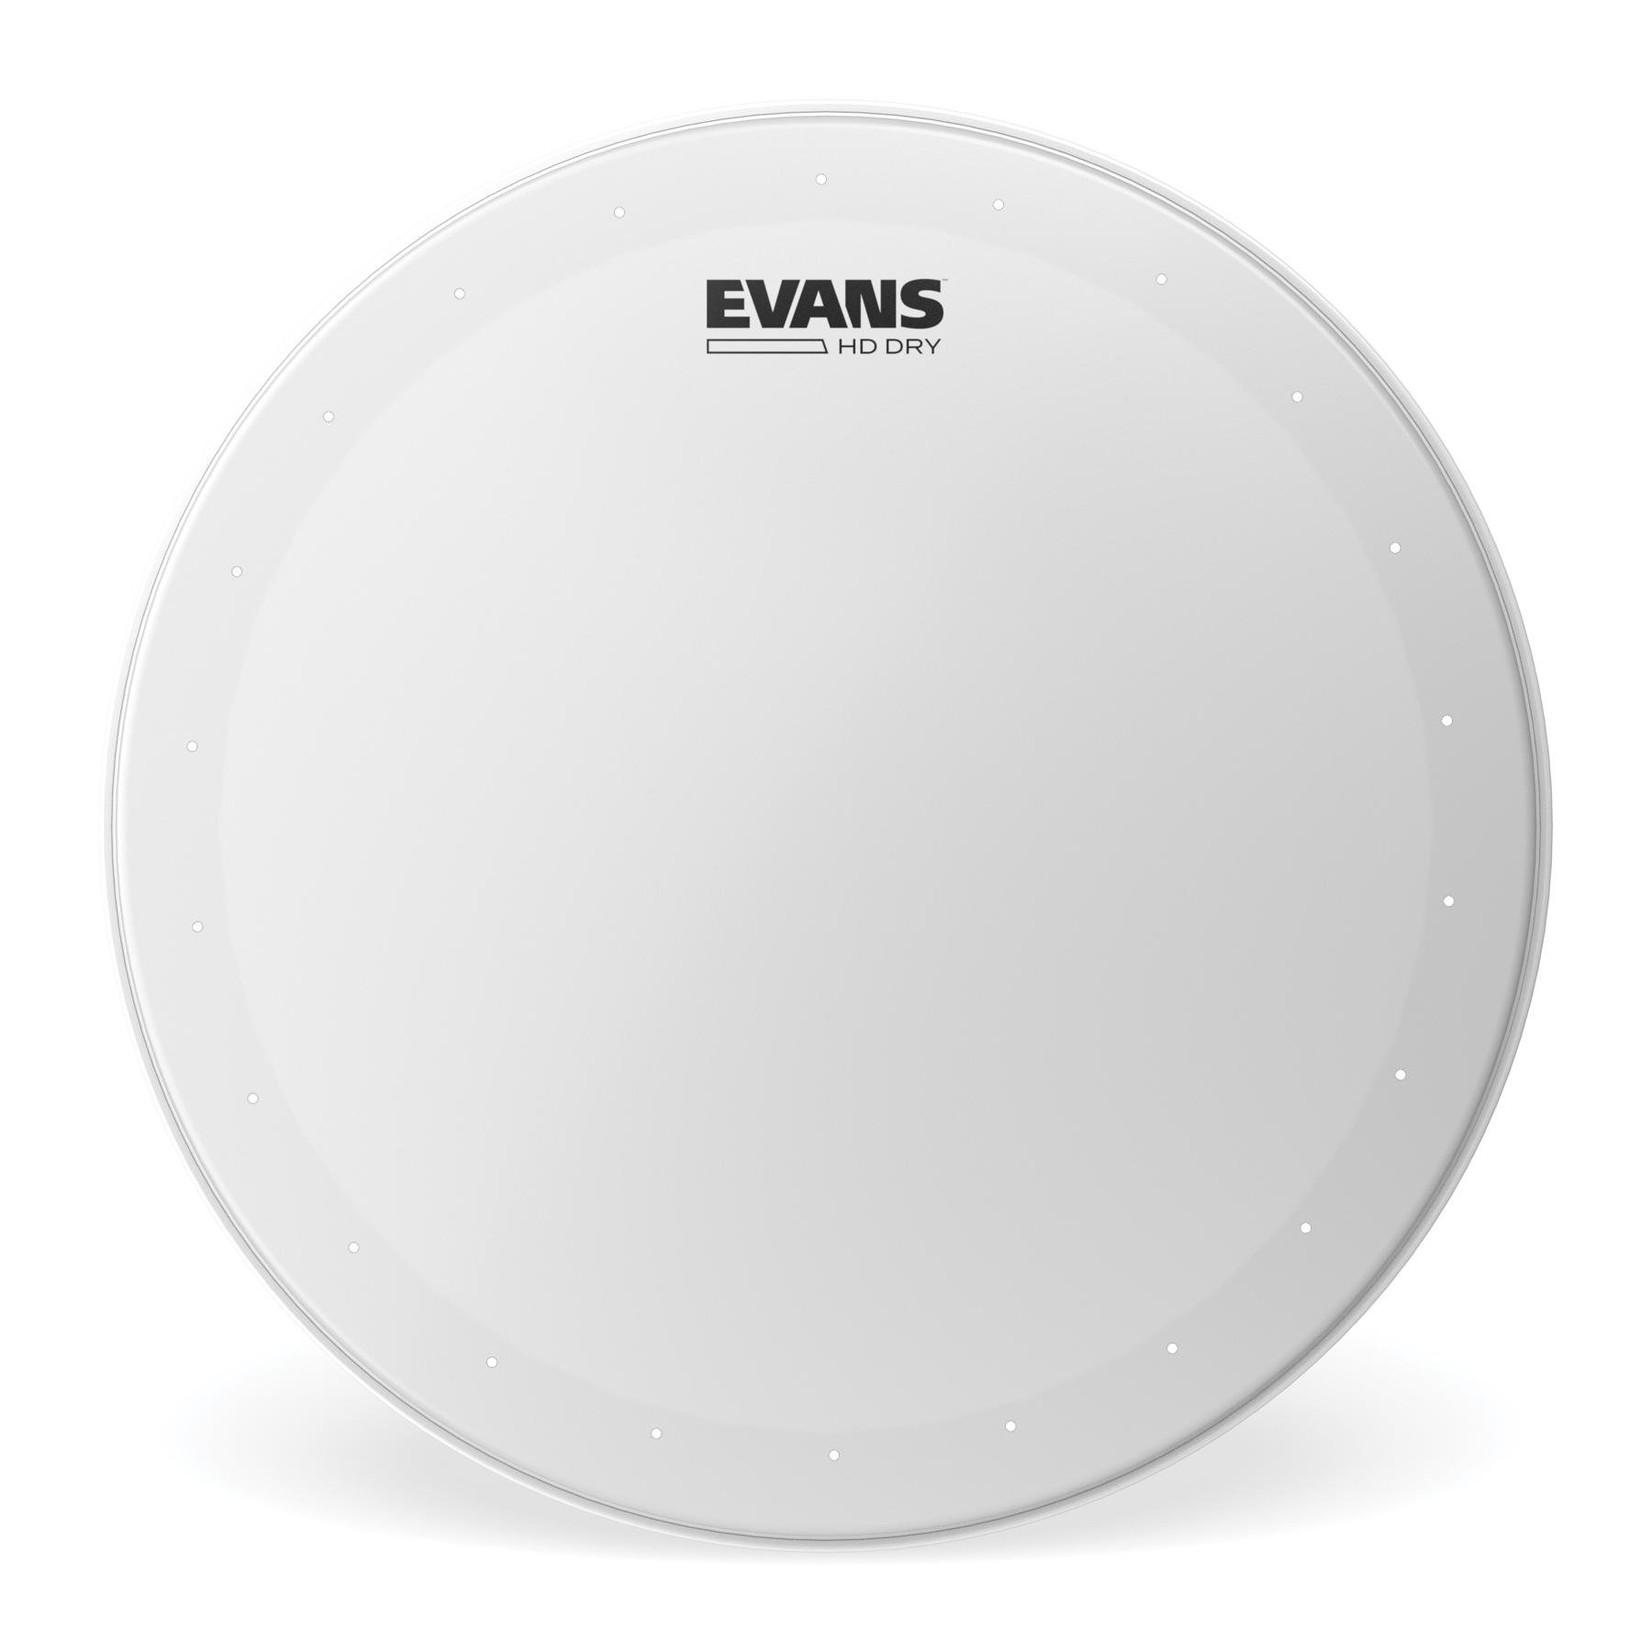 Evans Evans Coated HD Dry